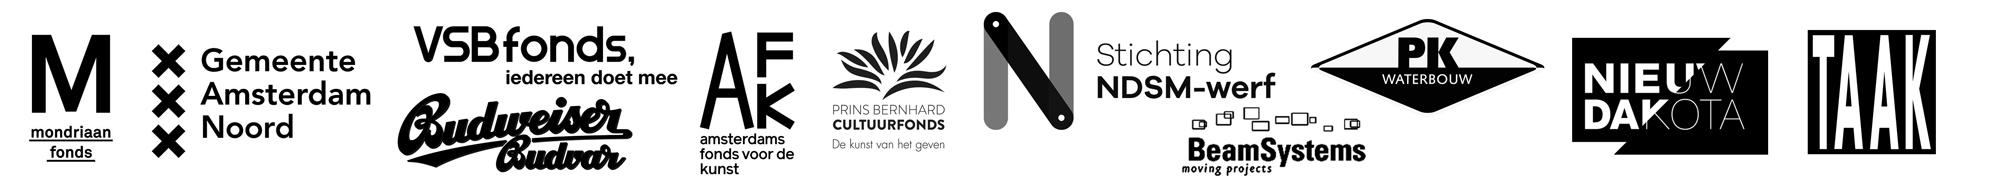 all-logos-new